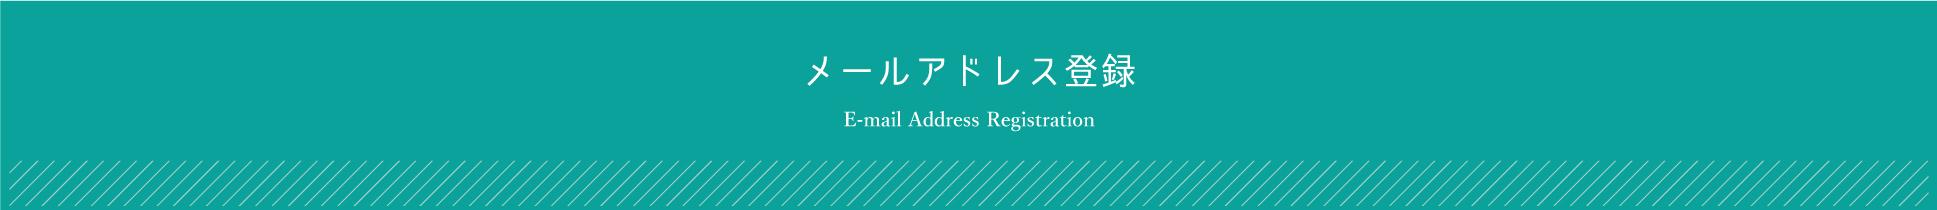 メールアドレス登録のお願い